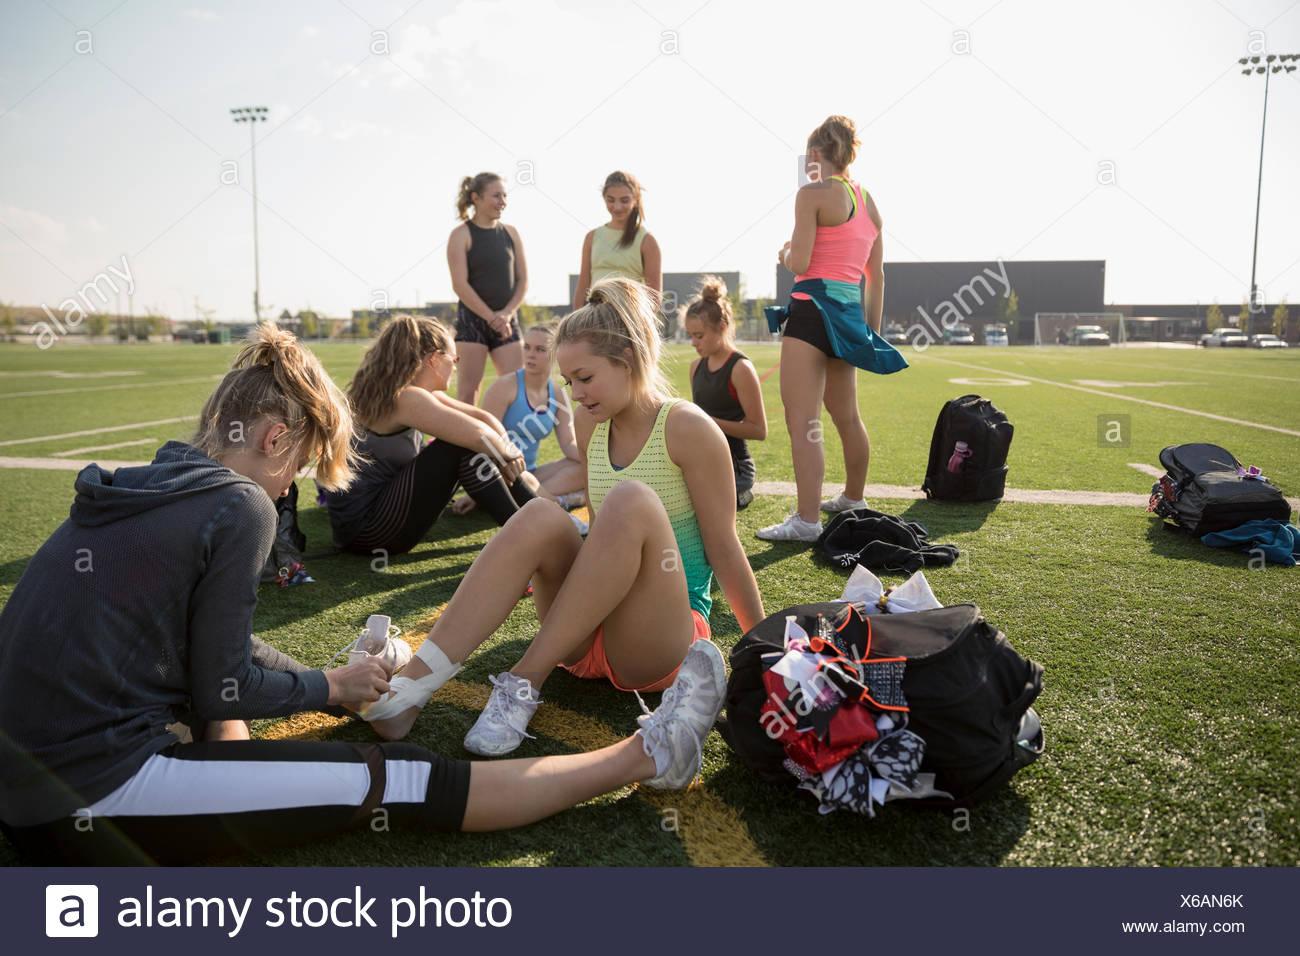 Ragazza adolescente high school cheerleader taping piede e caviglia con nastro adesivo sul soleggiato Campo di calcio Immagini Stock